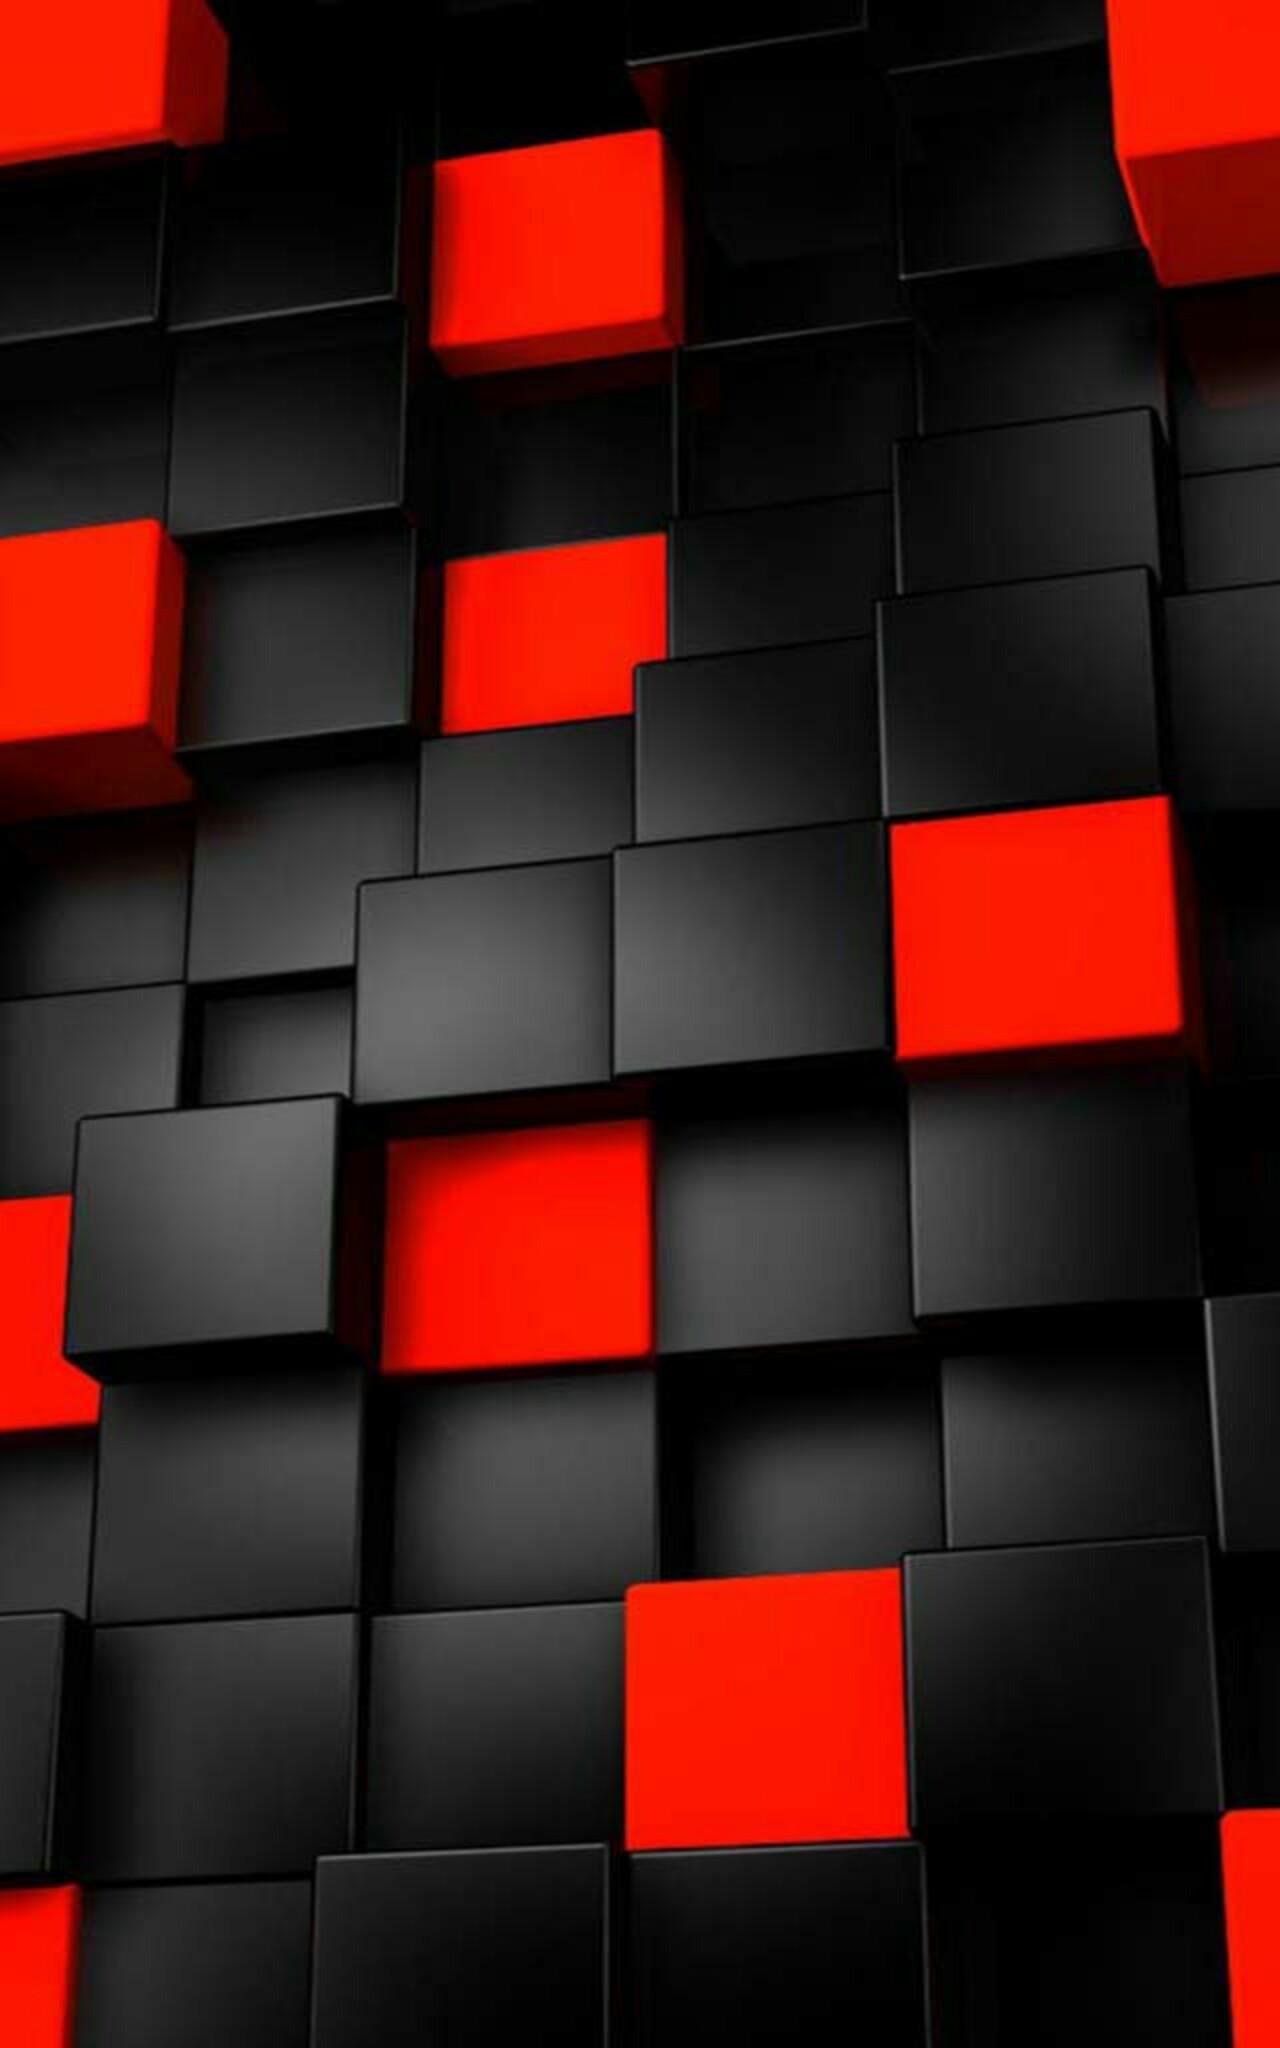 Black White Square Wallpaper Die 82 Besten Moderne Hintergrundbilder